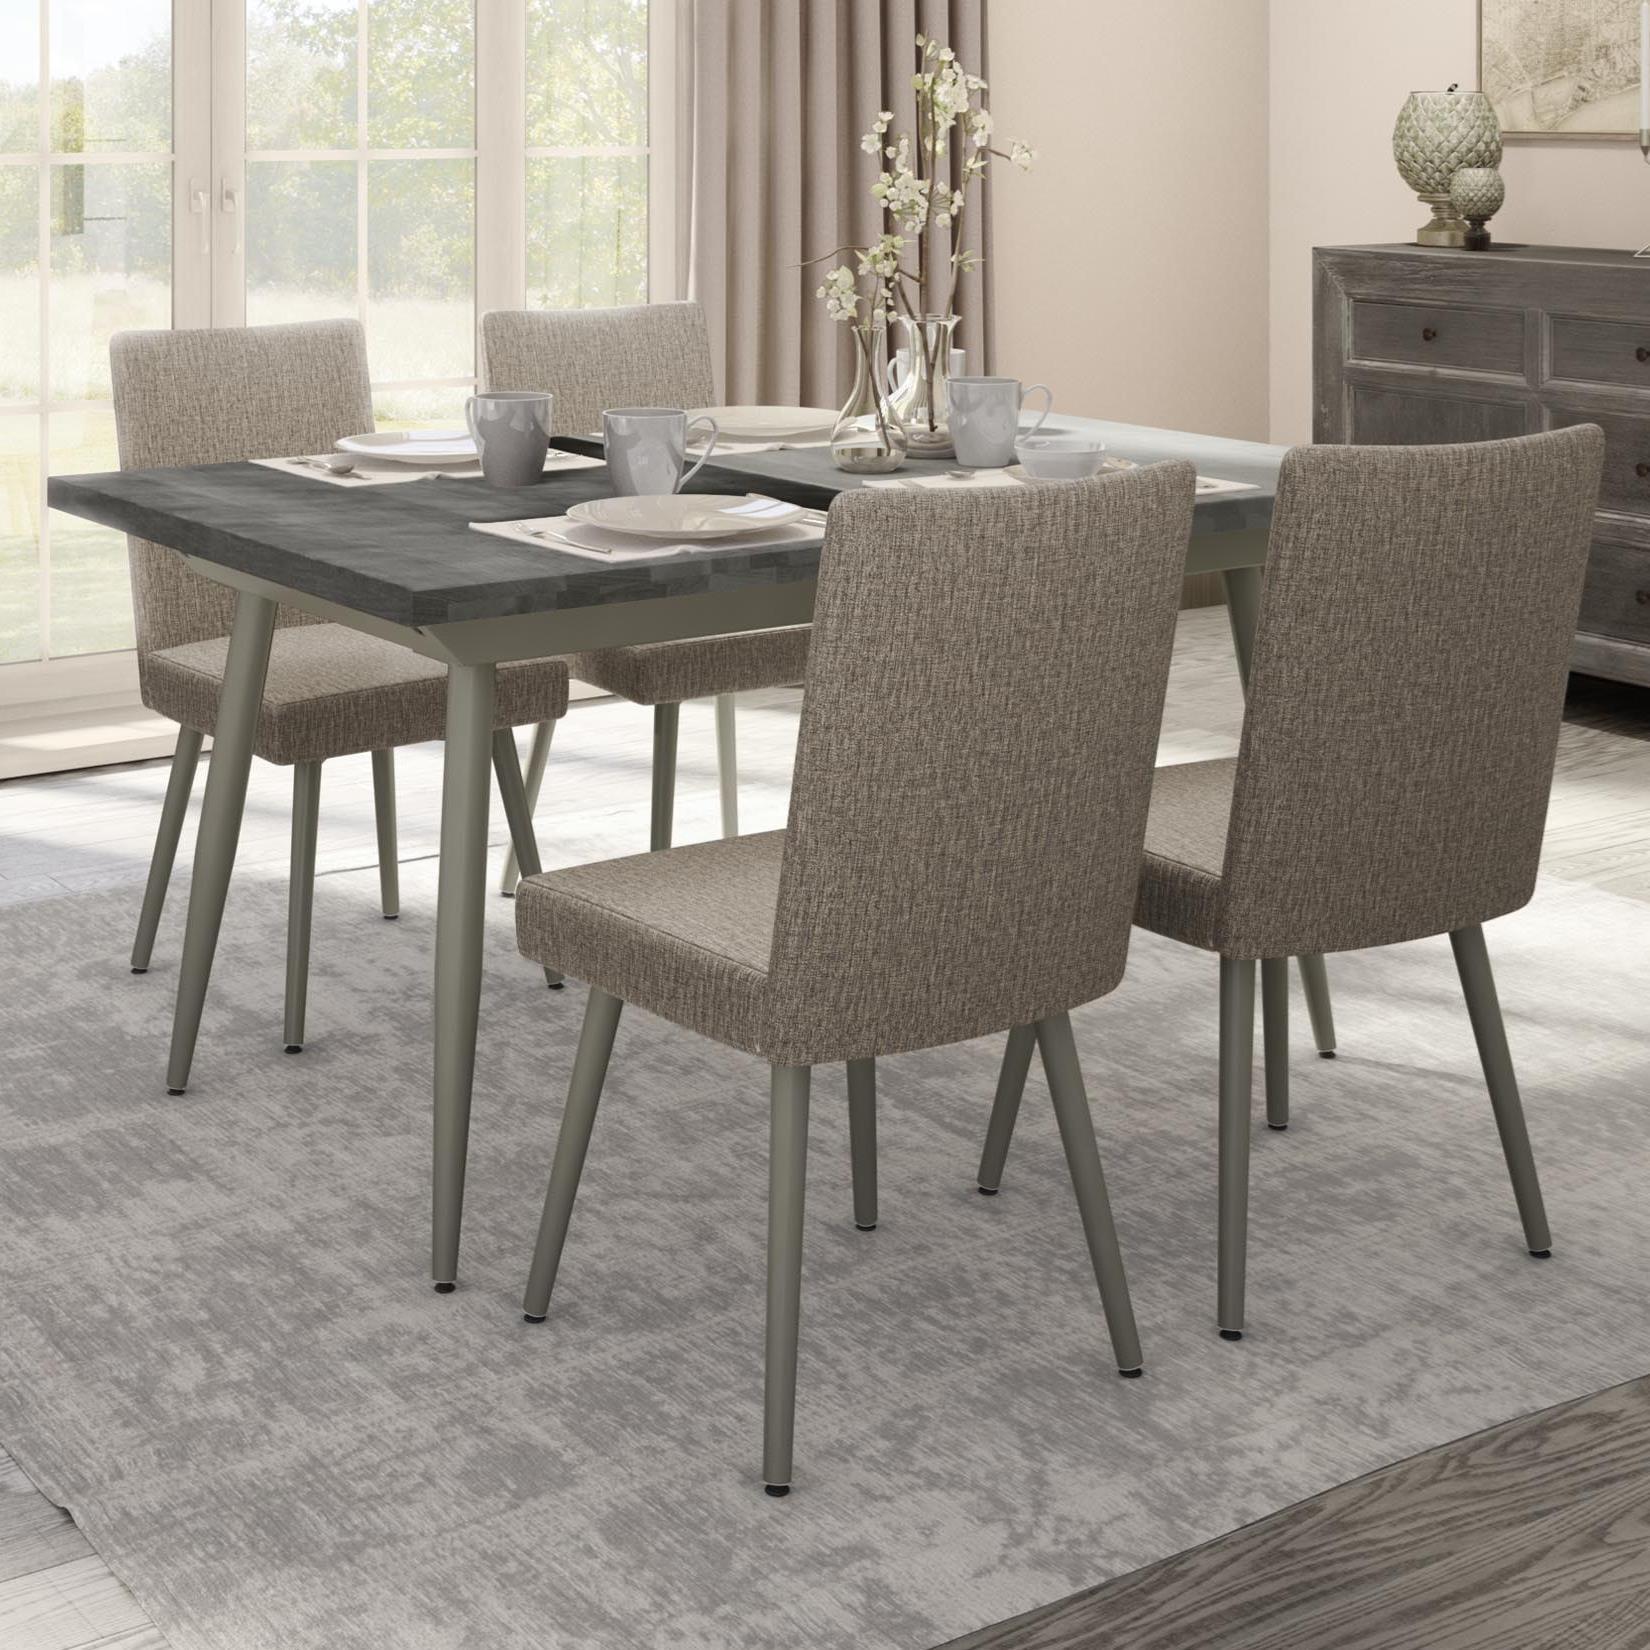 Charmant Amisco Boudoir 5 Piece Belleville Extendable Table Set